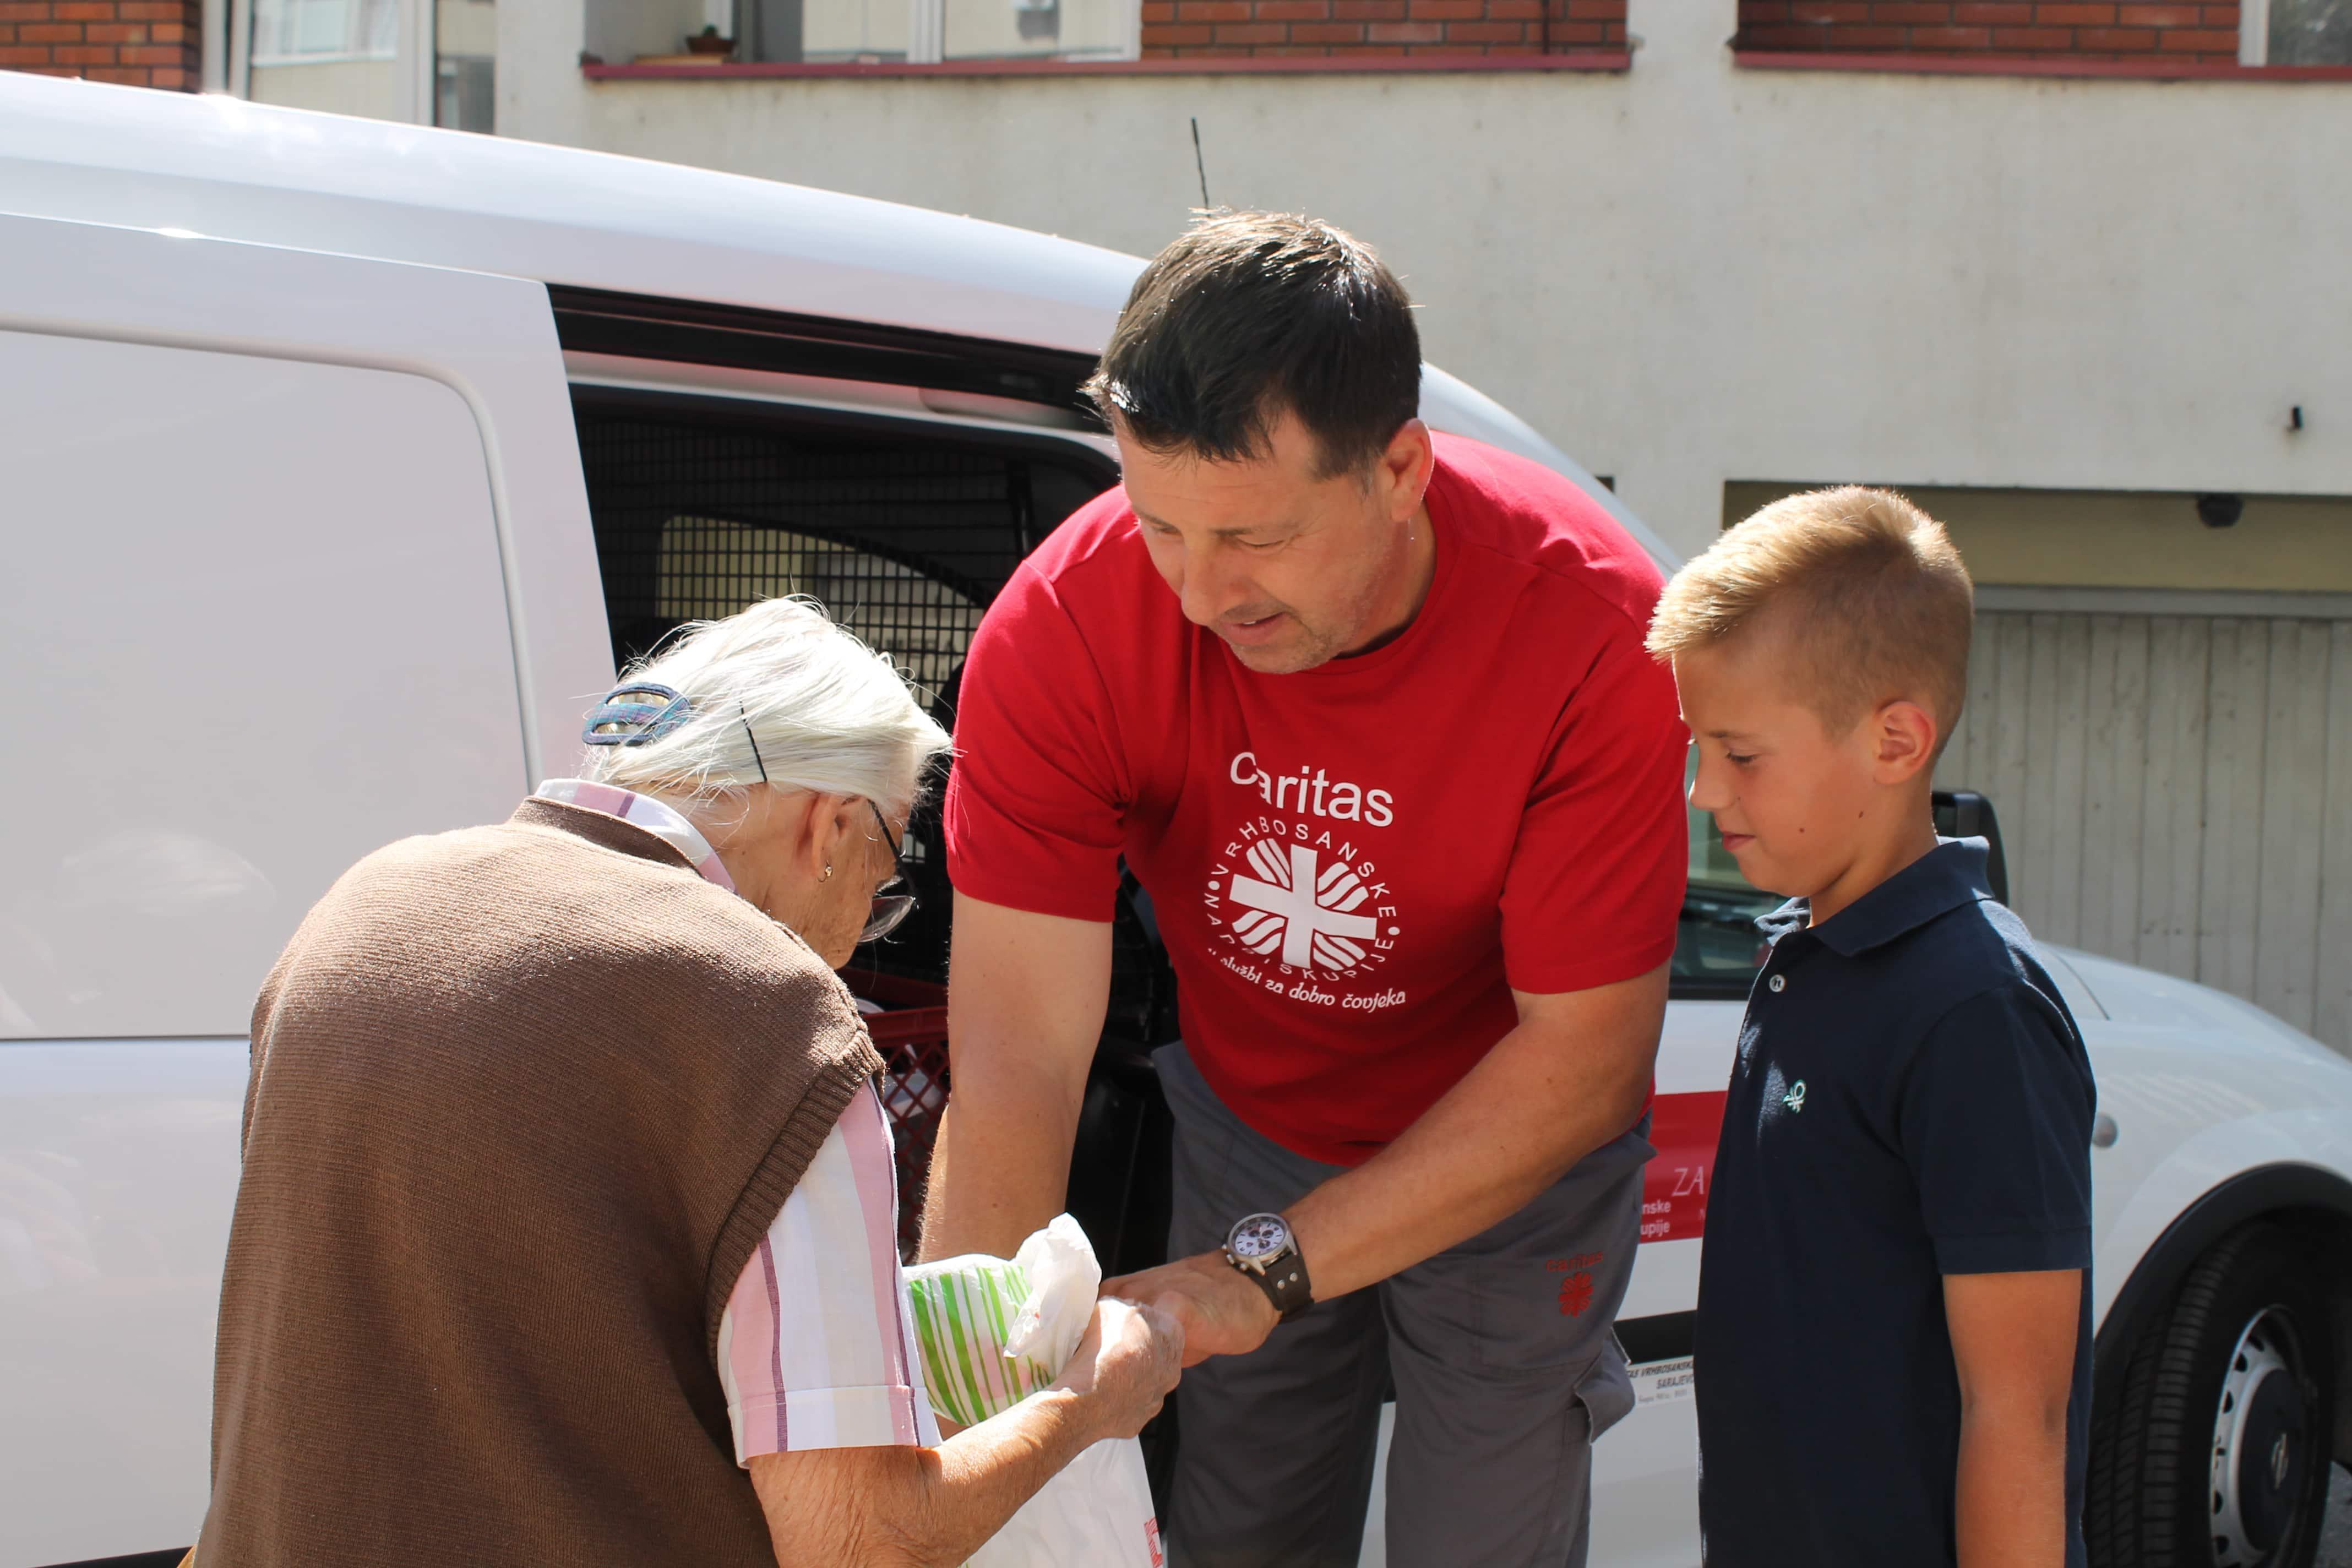 Začetek dobrodelne akcije Ne pozabimo za pomoč revnim na Balkanu 2018